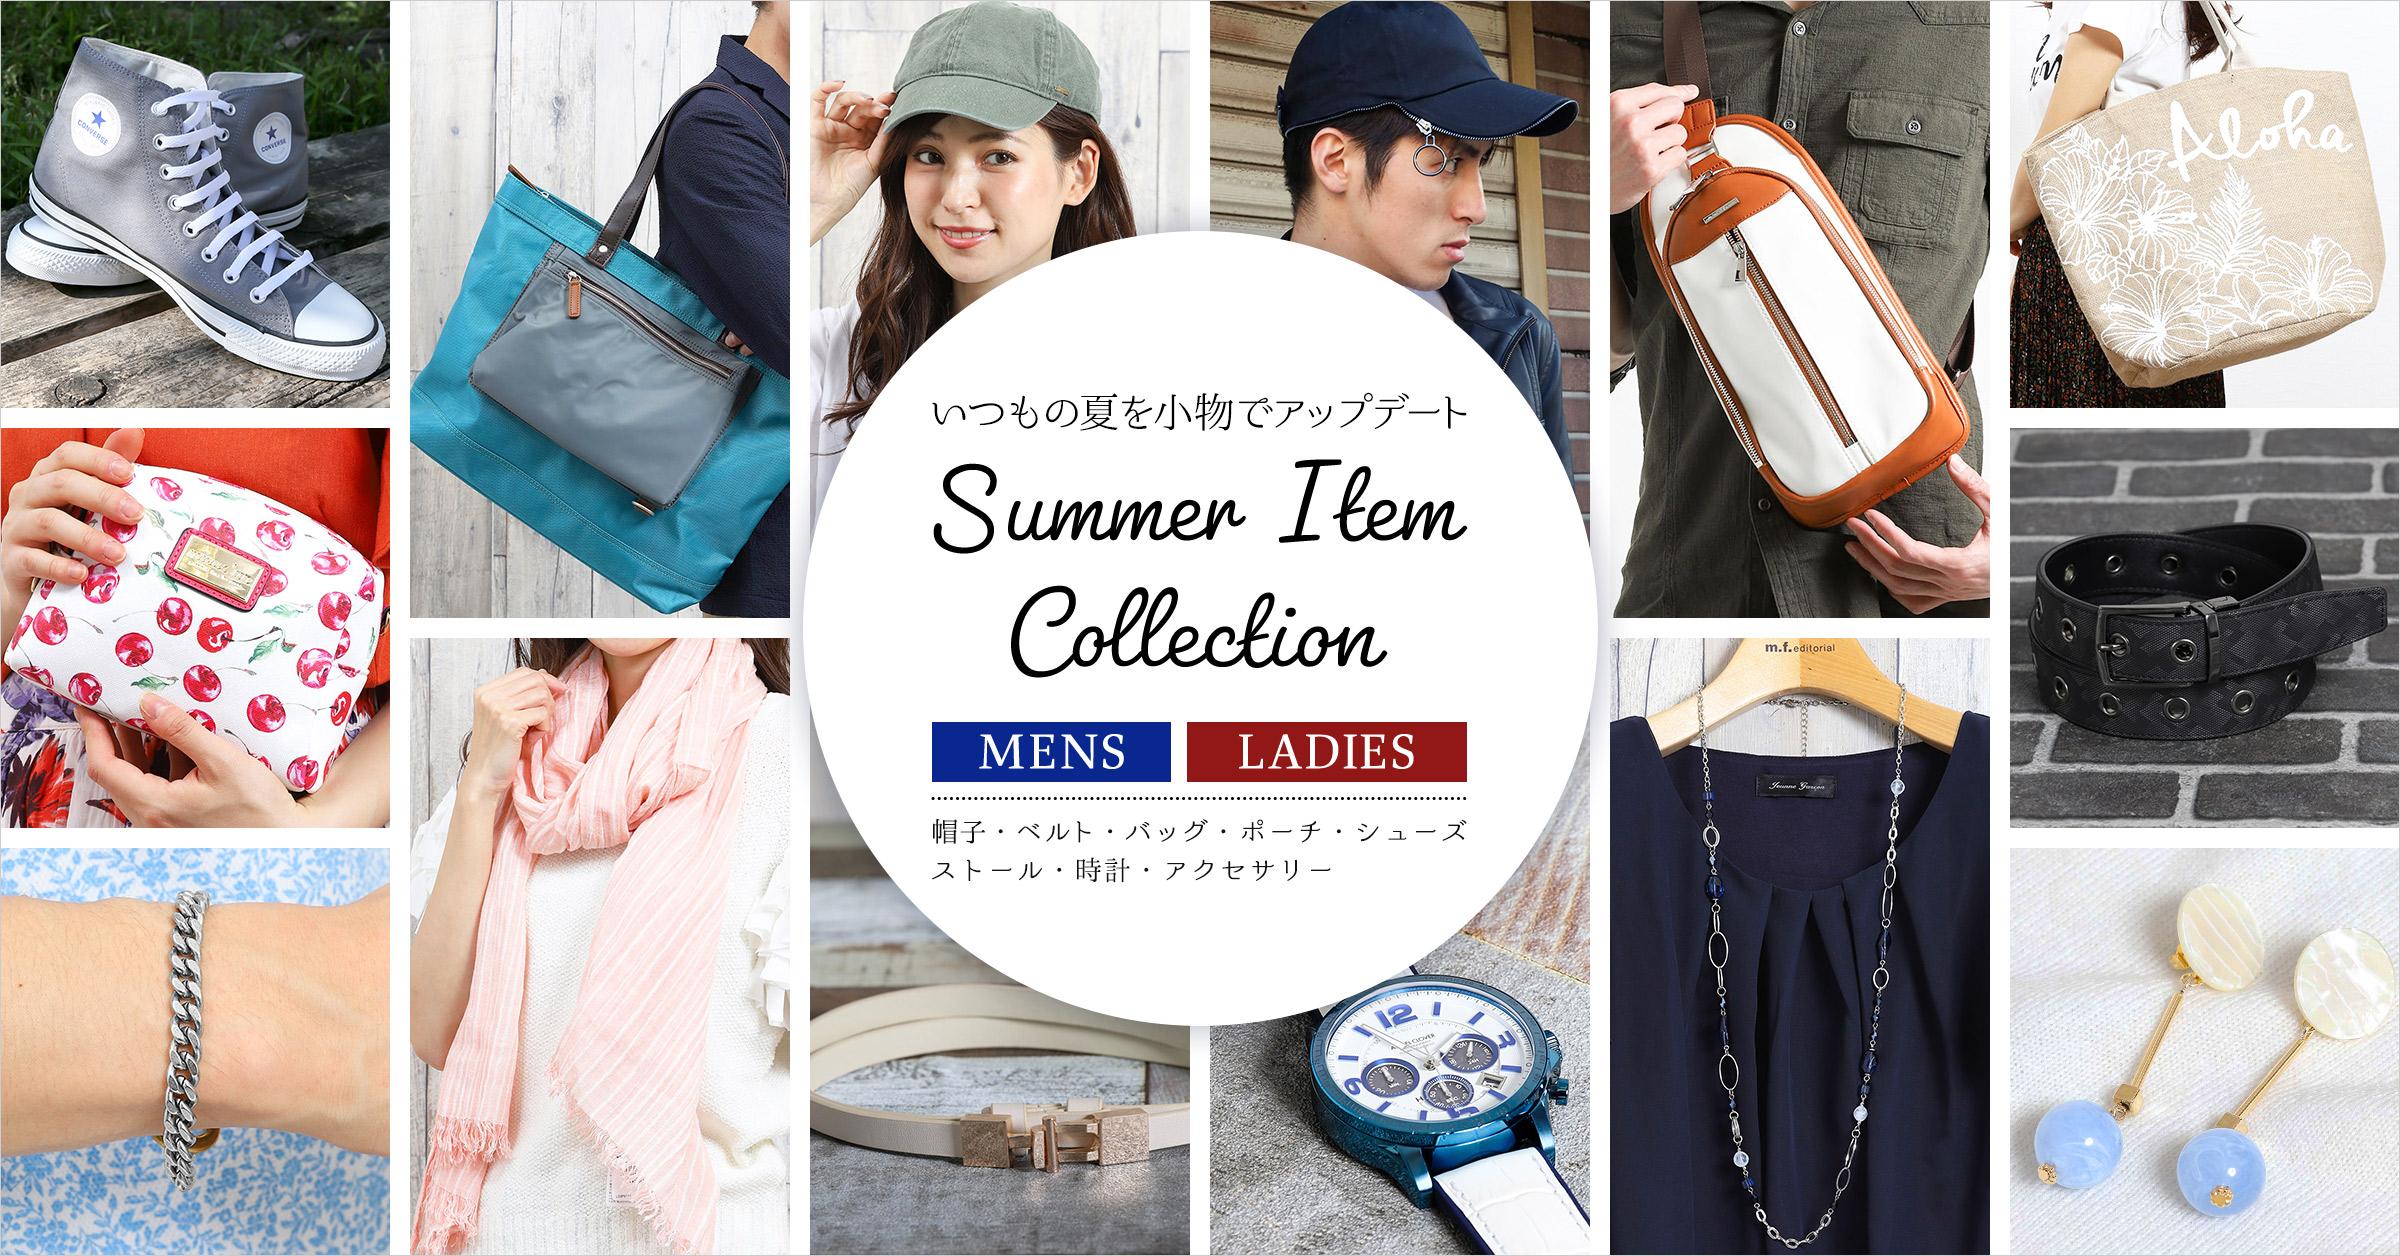 いつもの夏を小物でアップデート Summer Item Collection